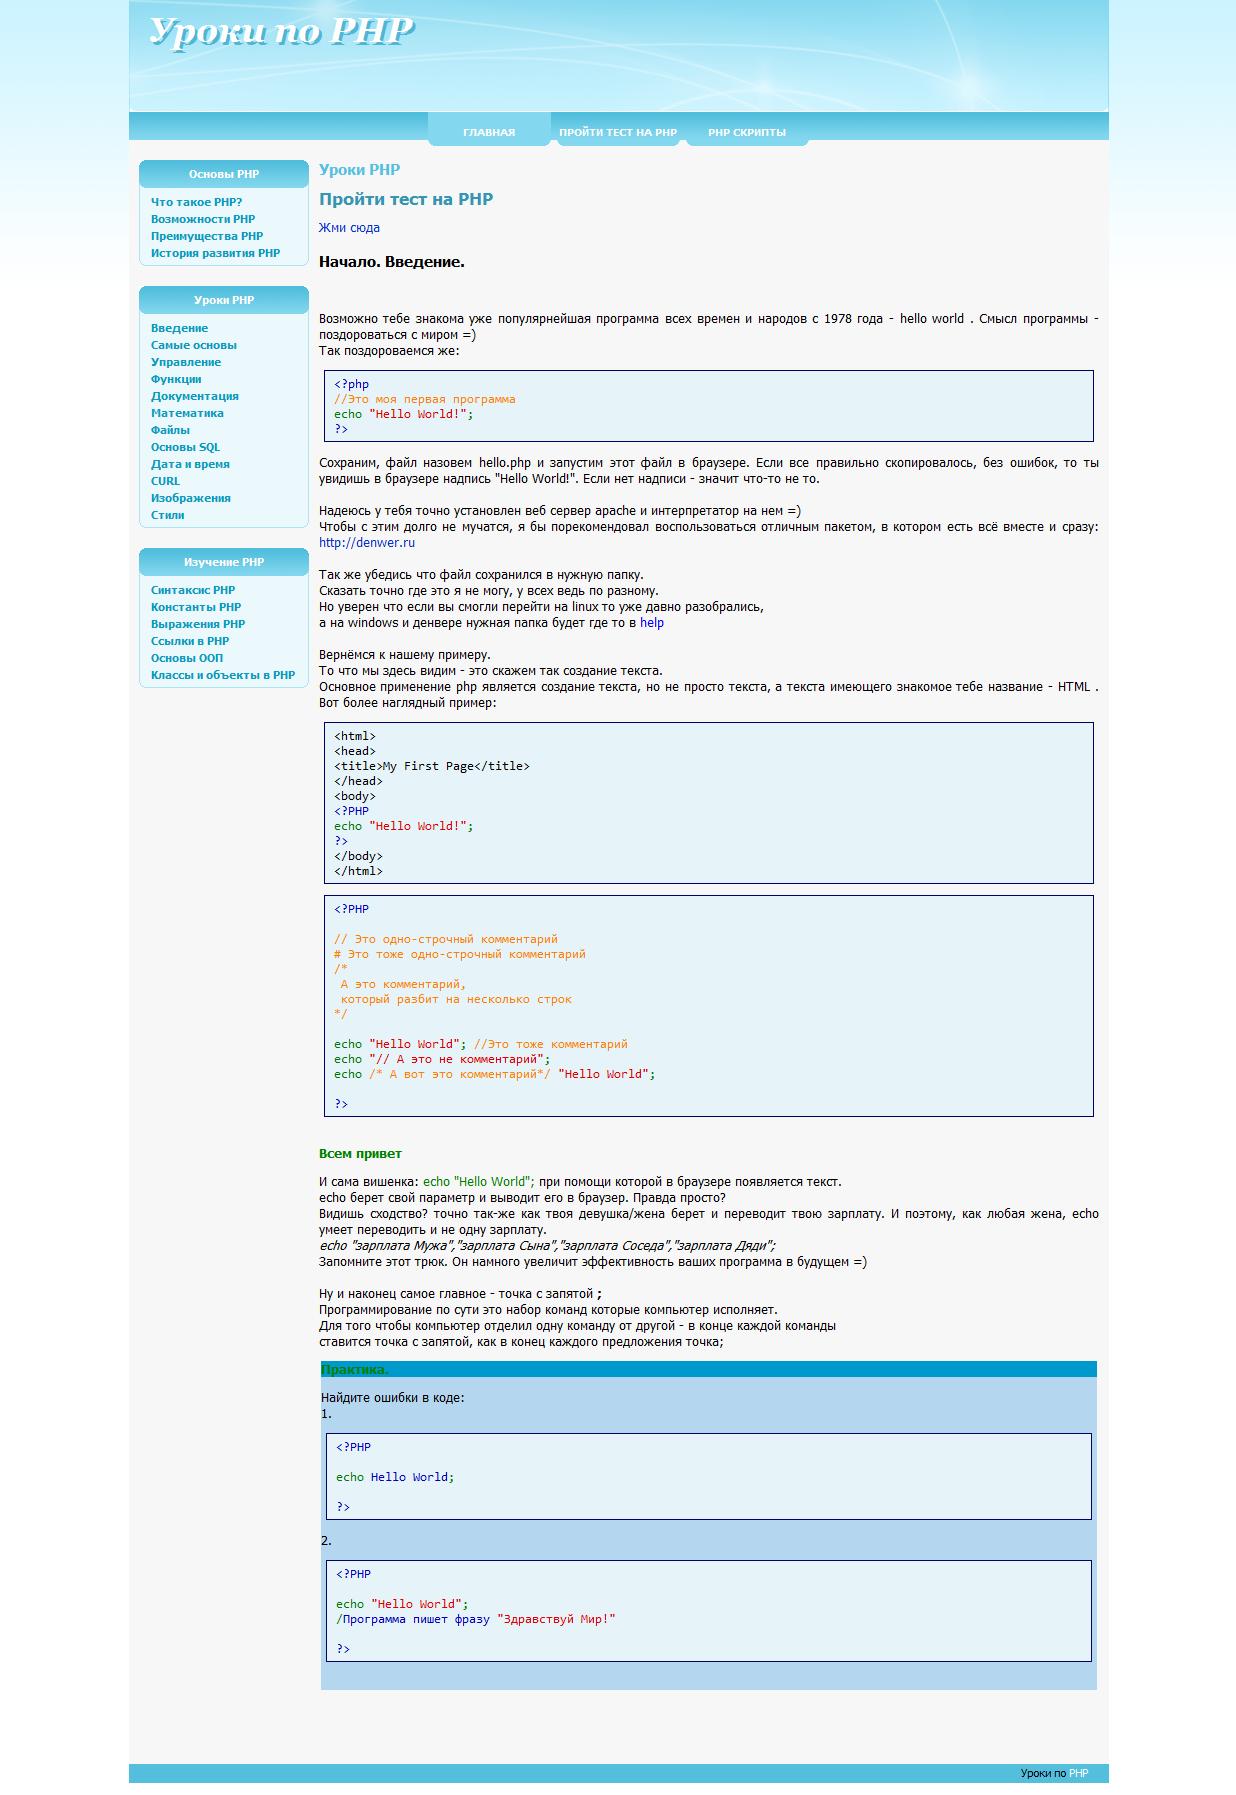 Корпоративный сайт: Уроки по PHP